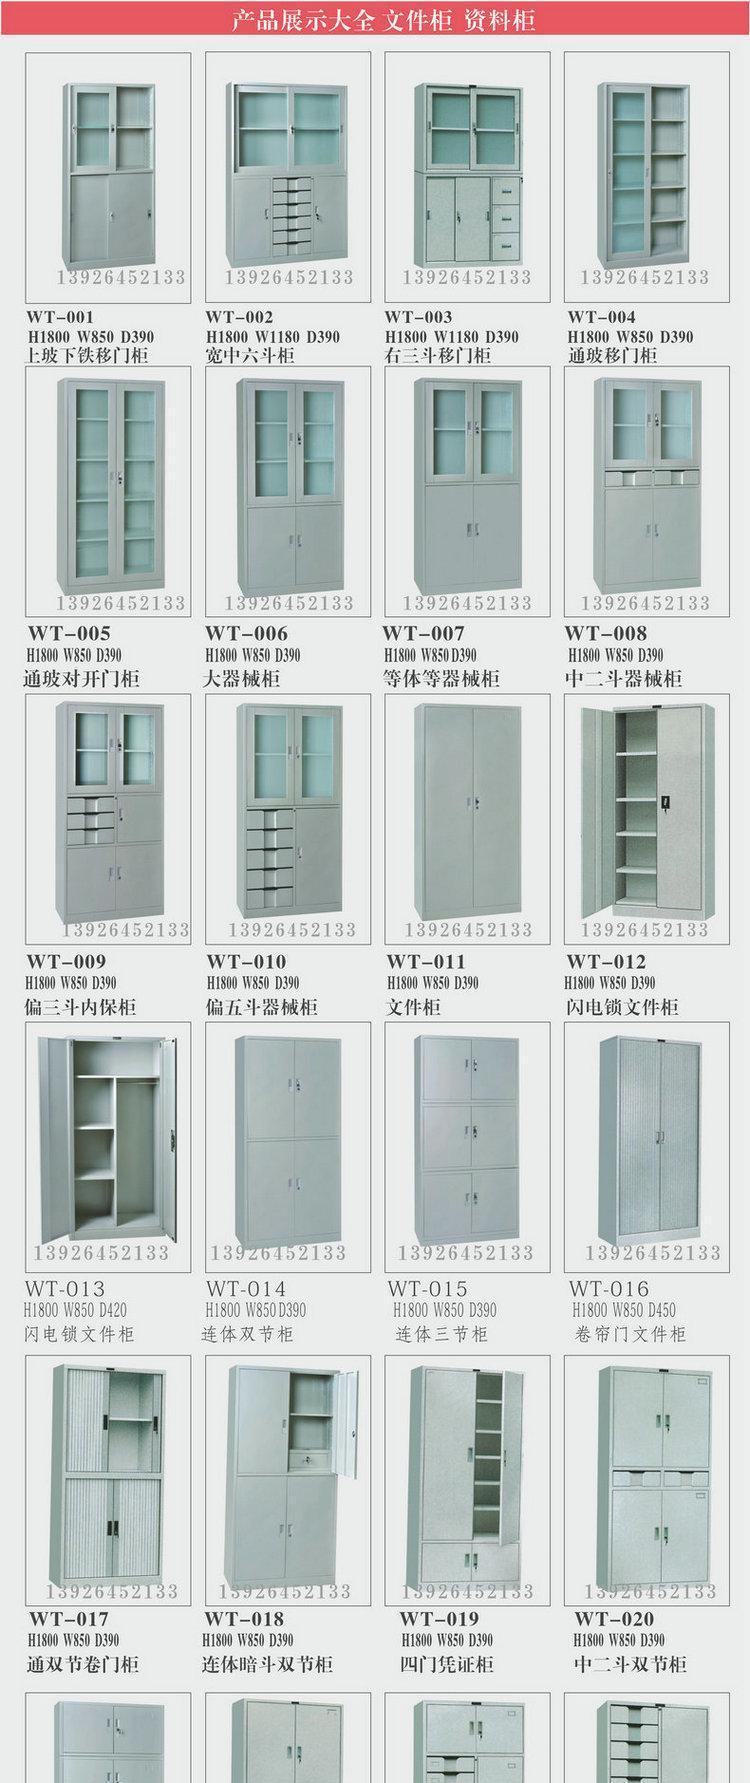 广州 文件柜 铁皮文件柜 办公文件柜 等体器械柜 工厂批发 热销示例图4